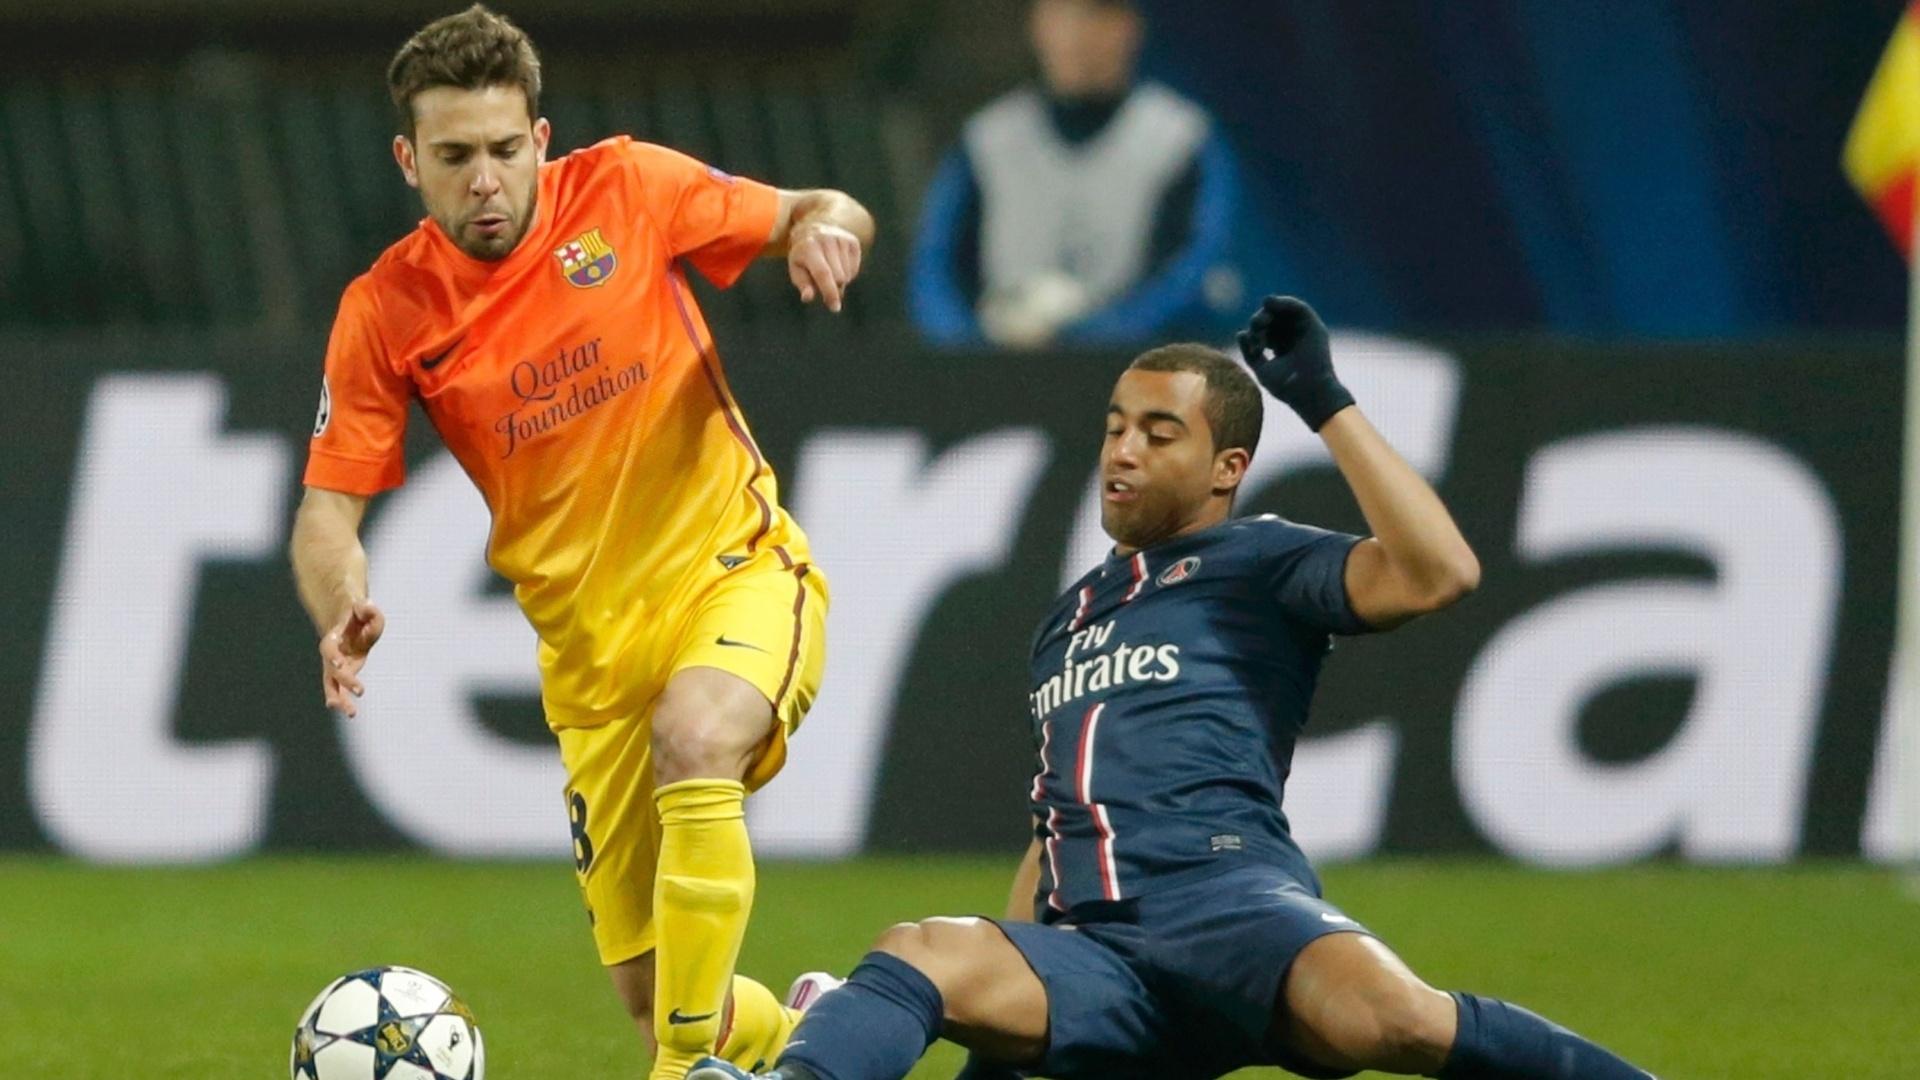 Barcelona e PSG empataram em 2 a 2 no jogo de ida